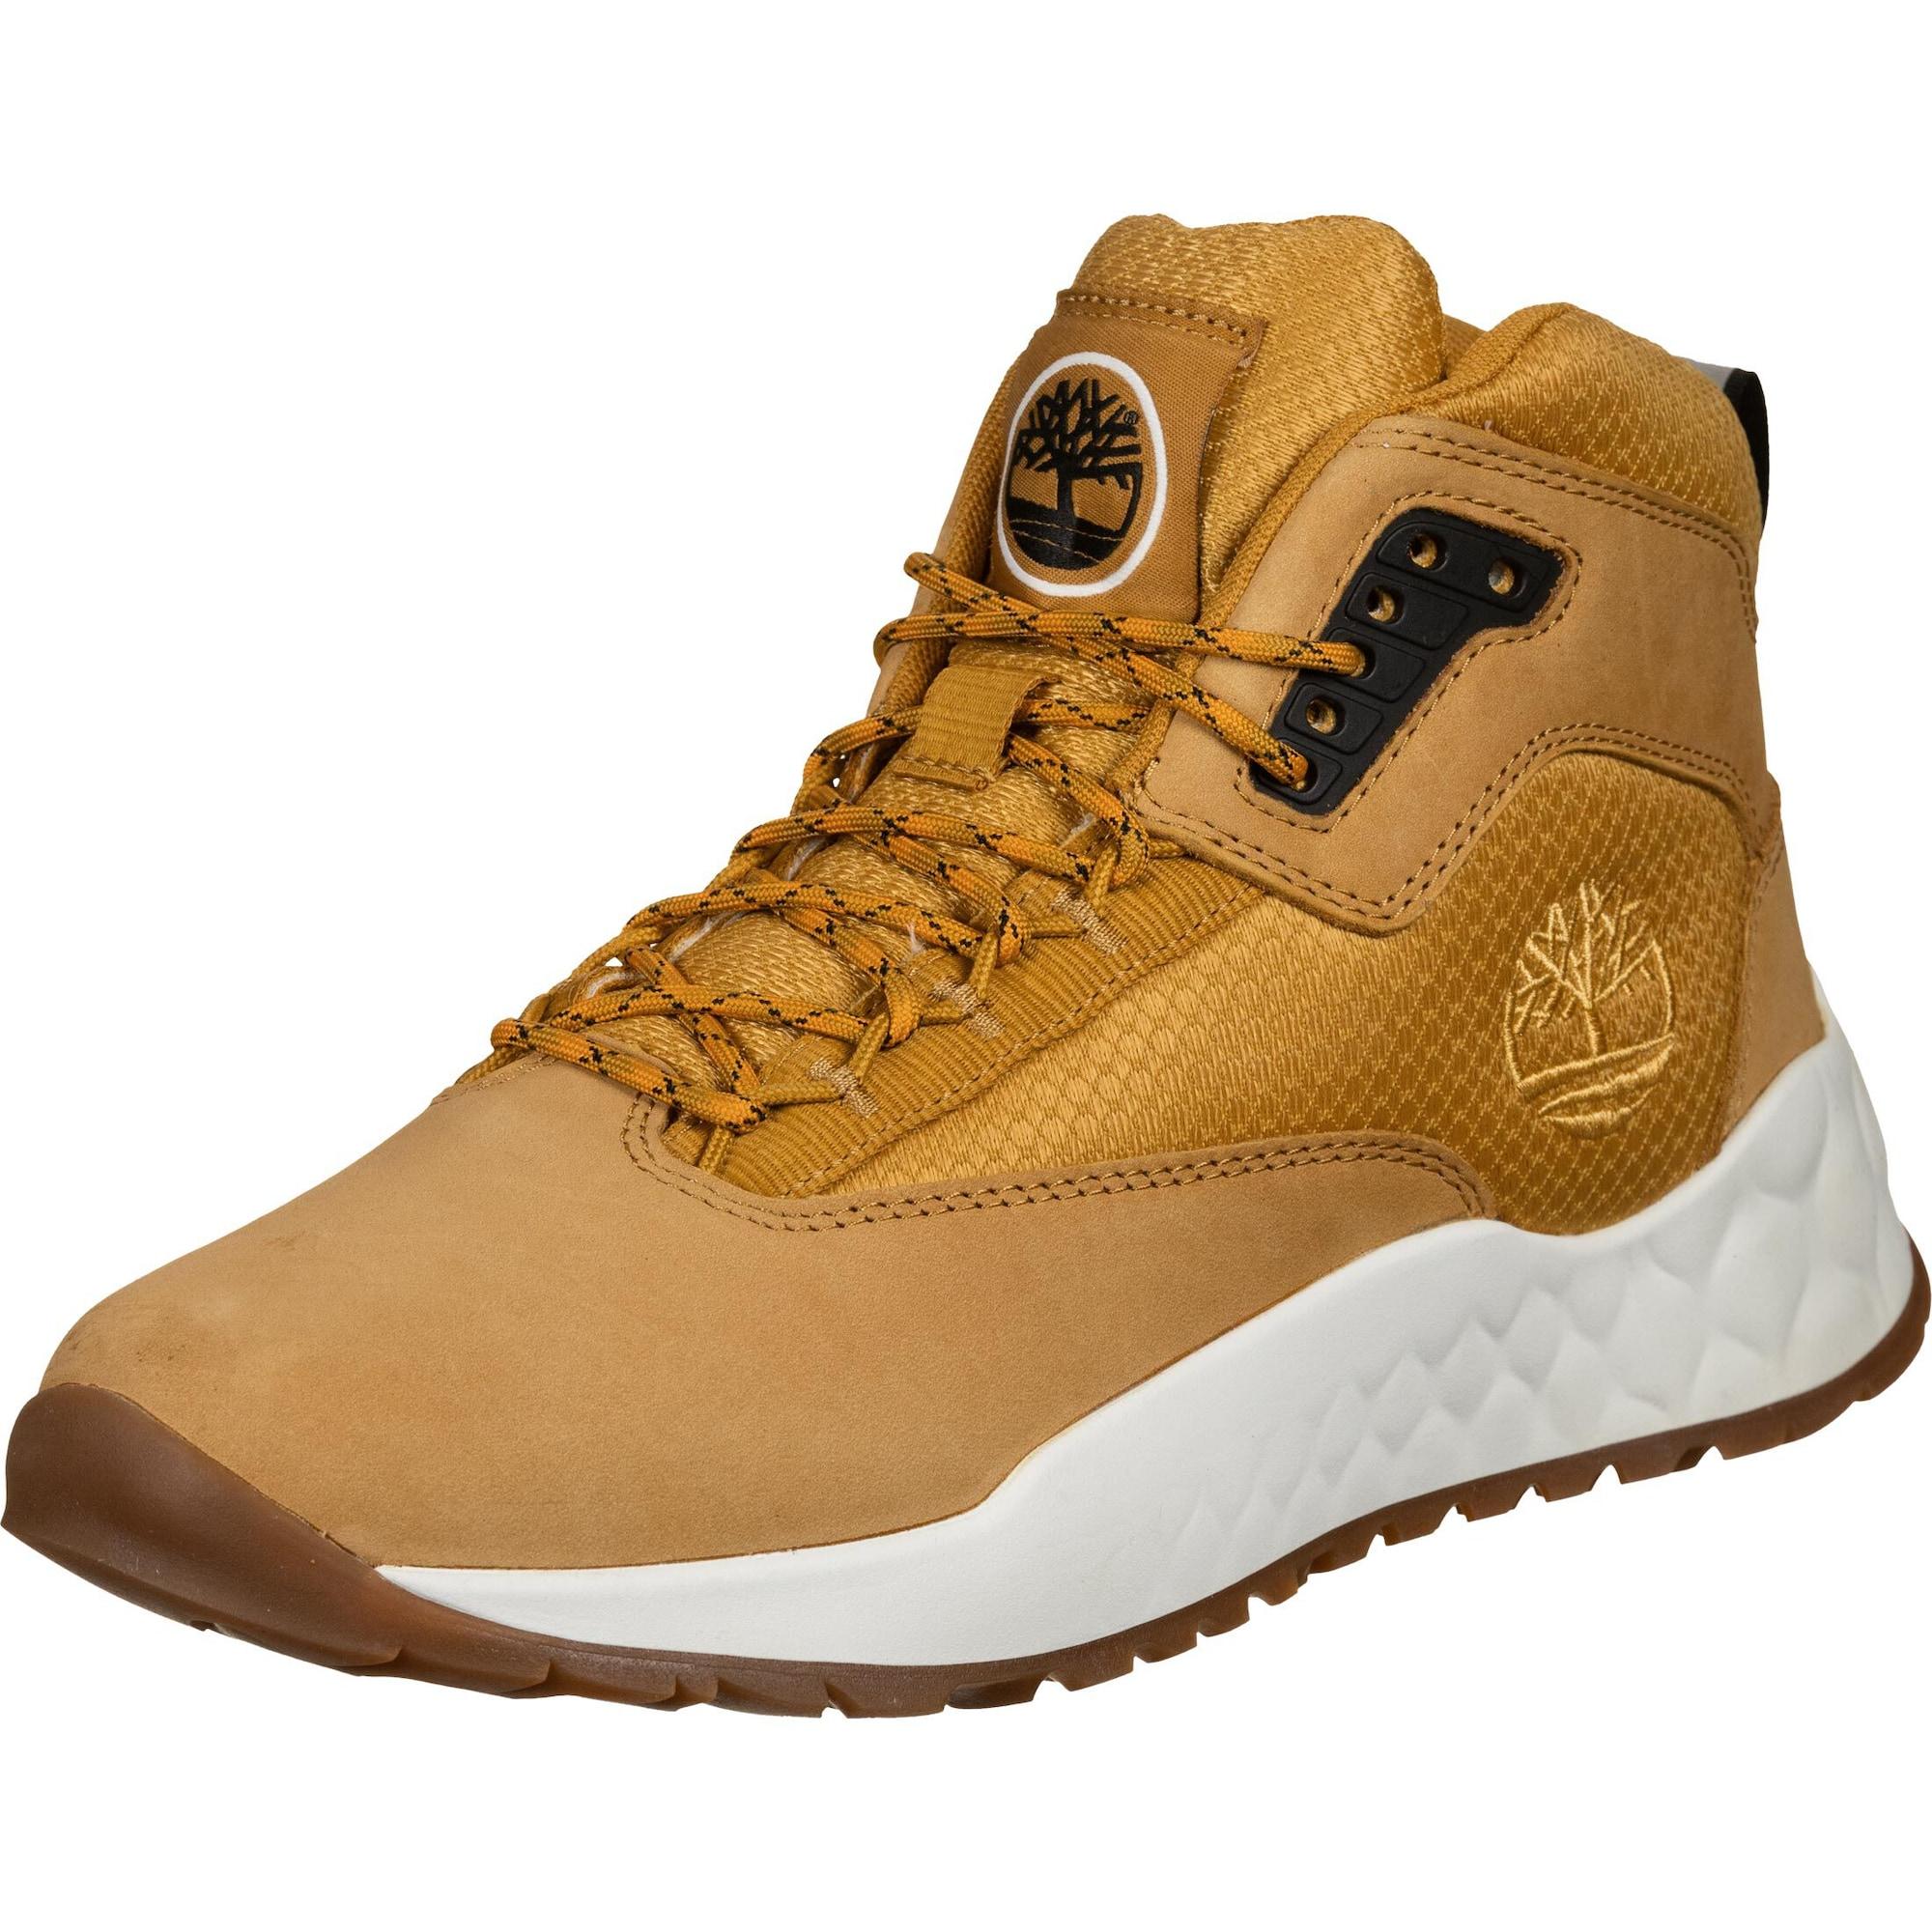 TIMBERLAND Sportinio stiliaus batai su raišteliais garstyčių spalva / aukso geltonumo spalva / juoda